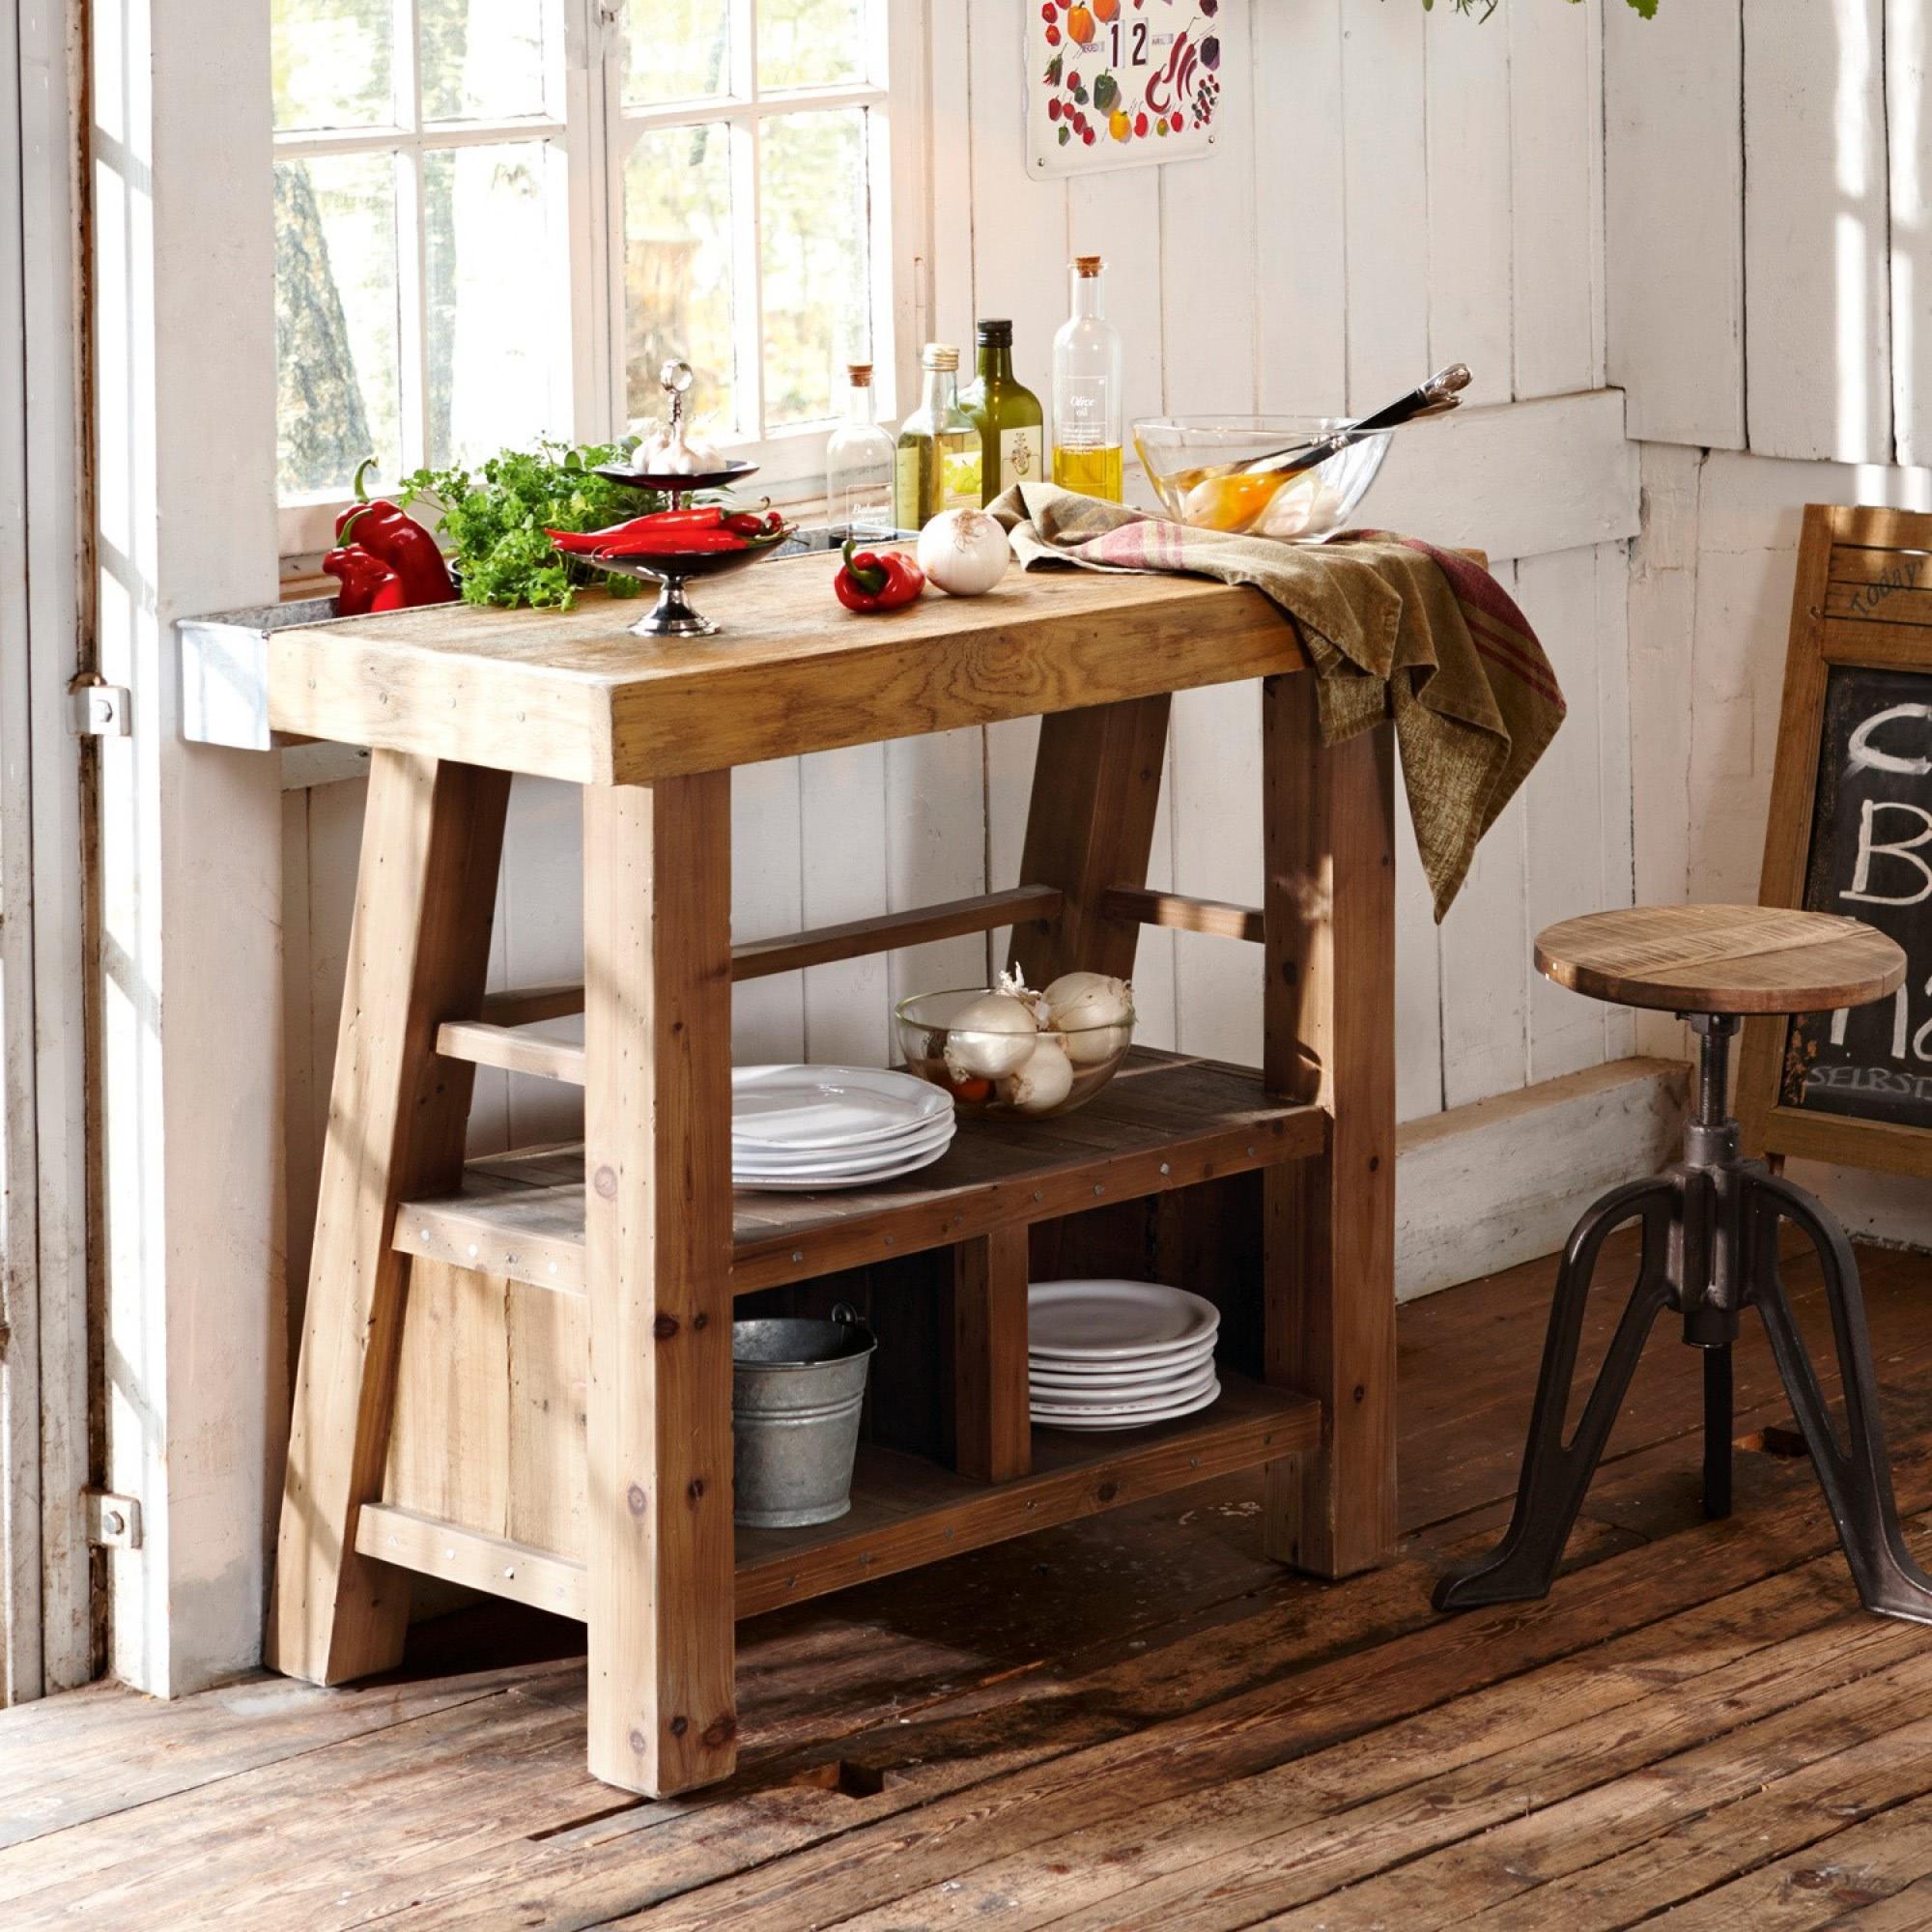 Full Size of Grillwagen Ikea Beistelltische Tisch Arbeitstisch Stehtisch Tresen Altholz Alte Betten Bei 160x200 Sofa Mit Schlaffunktion Küche Kaufen Miniküche Kosten Wohnzimmer Grillwagen Ikea